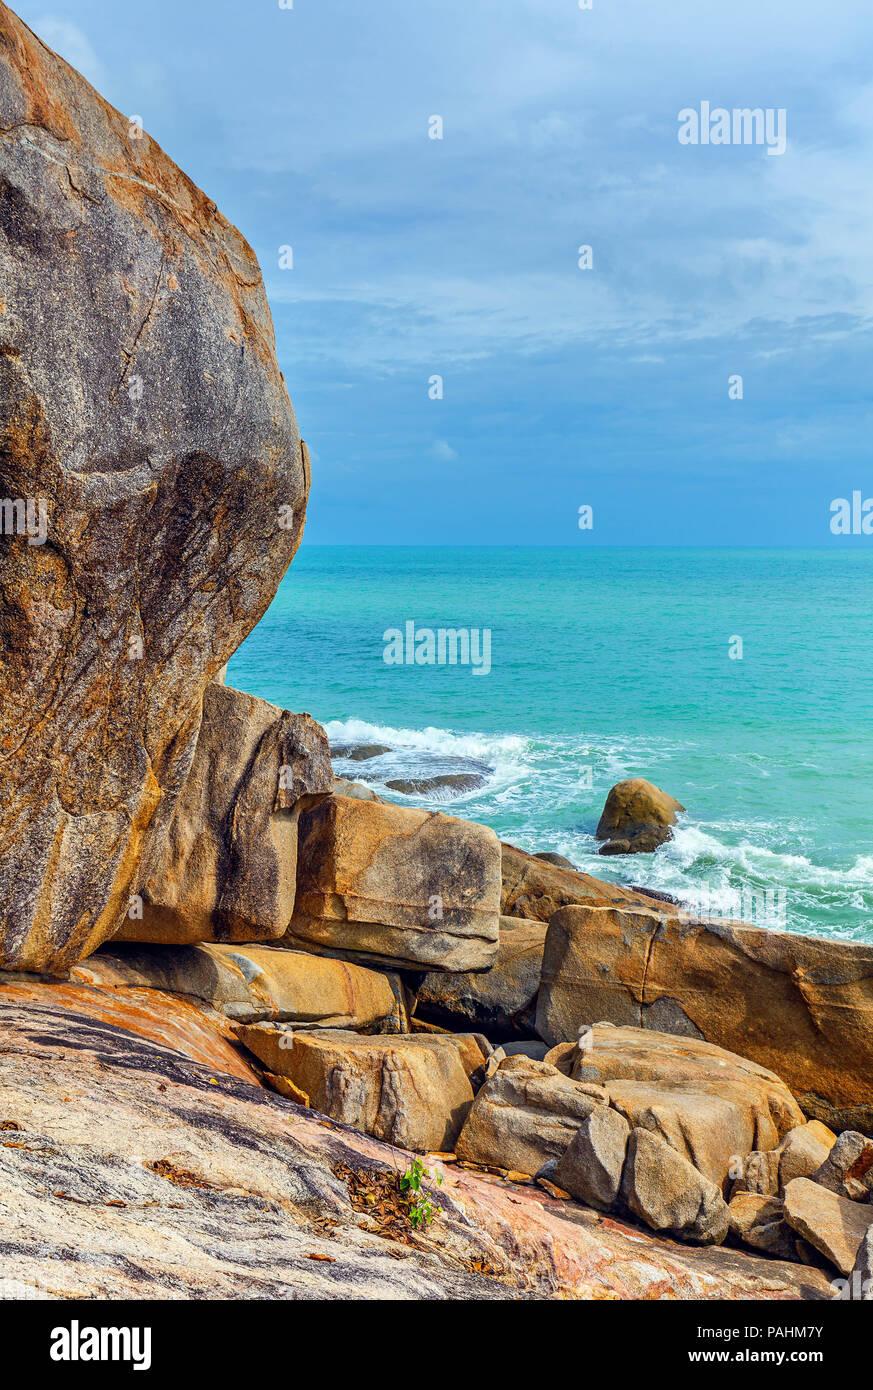 Costa rocosa de Koh Samui en Tailandia. Foto de stock